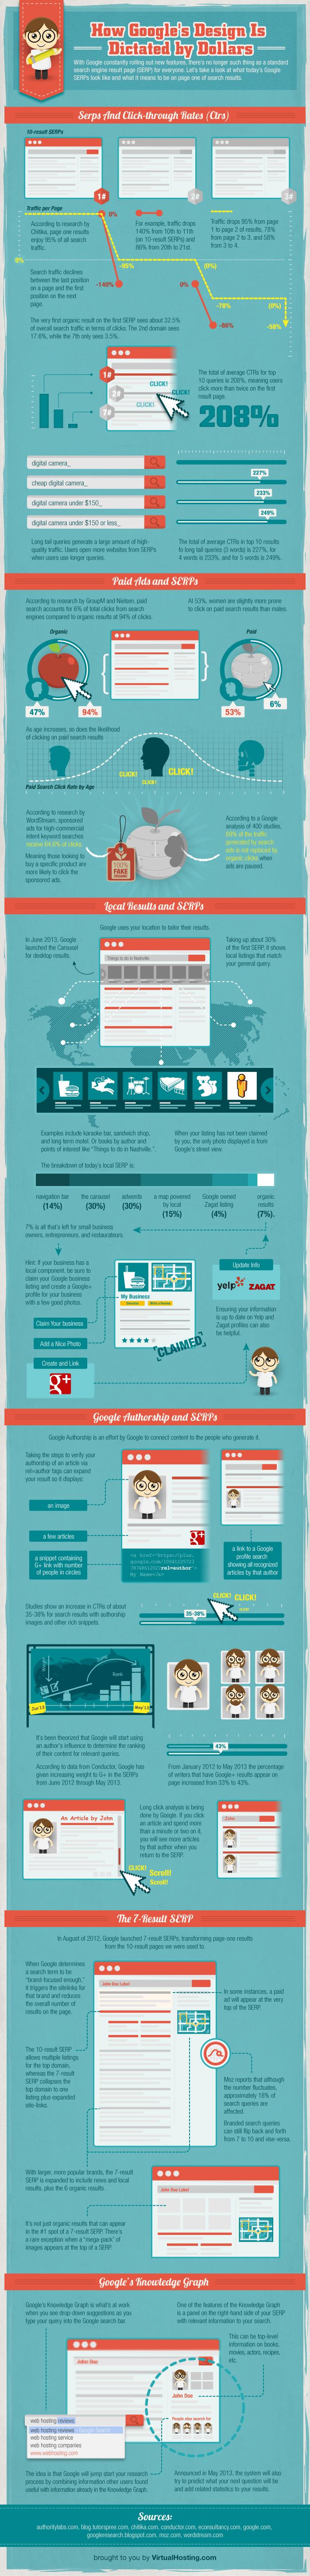 Google's Profit by Design